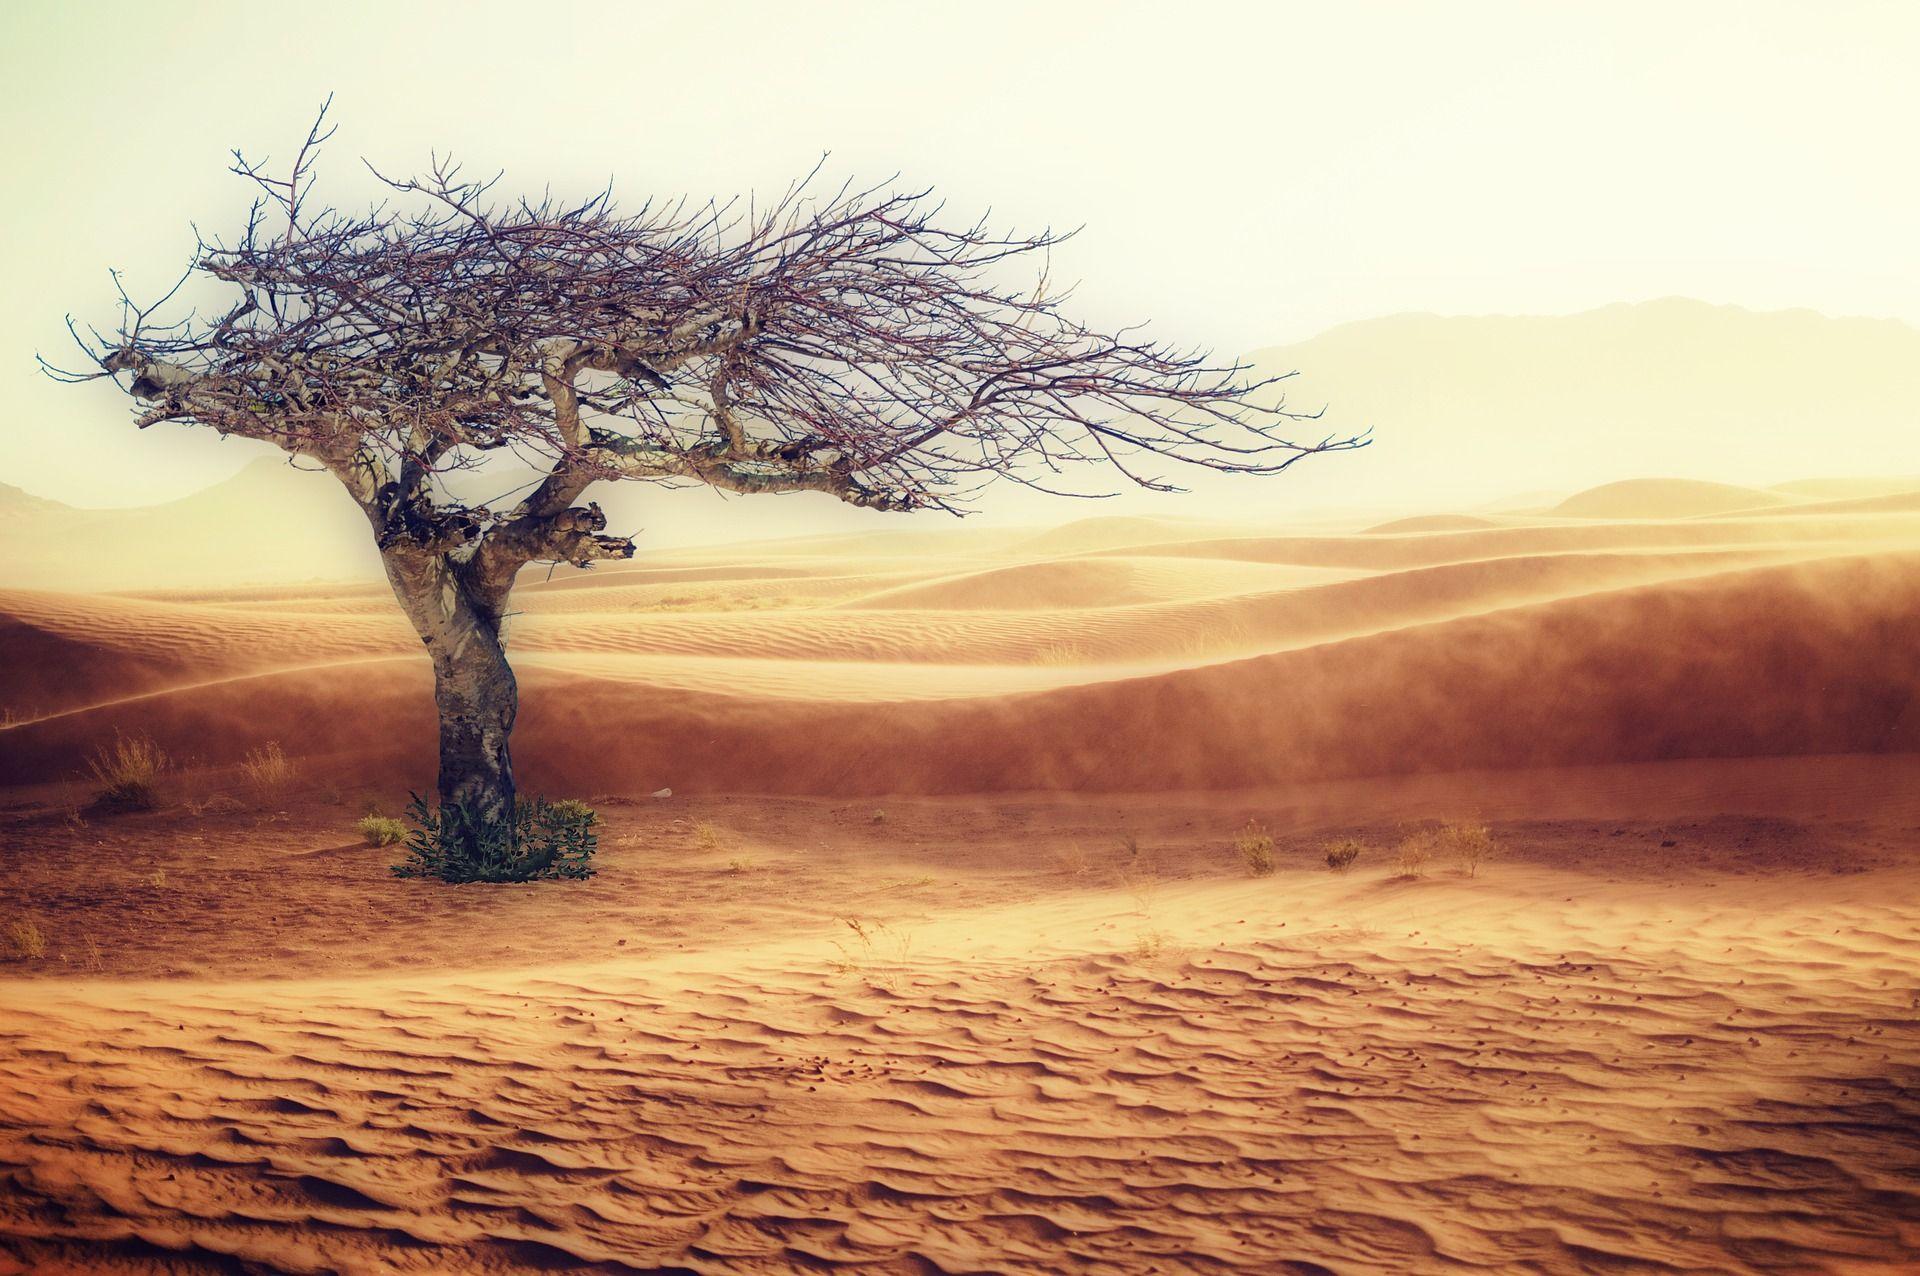 problemas medioambientales, escasez de agua